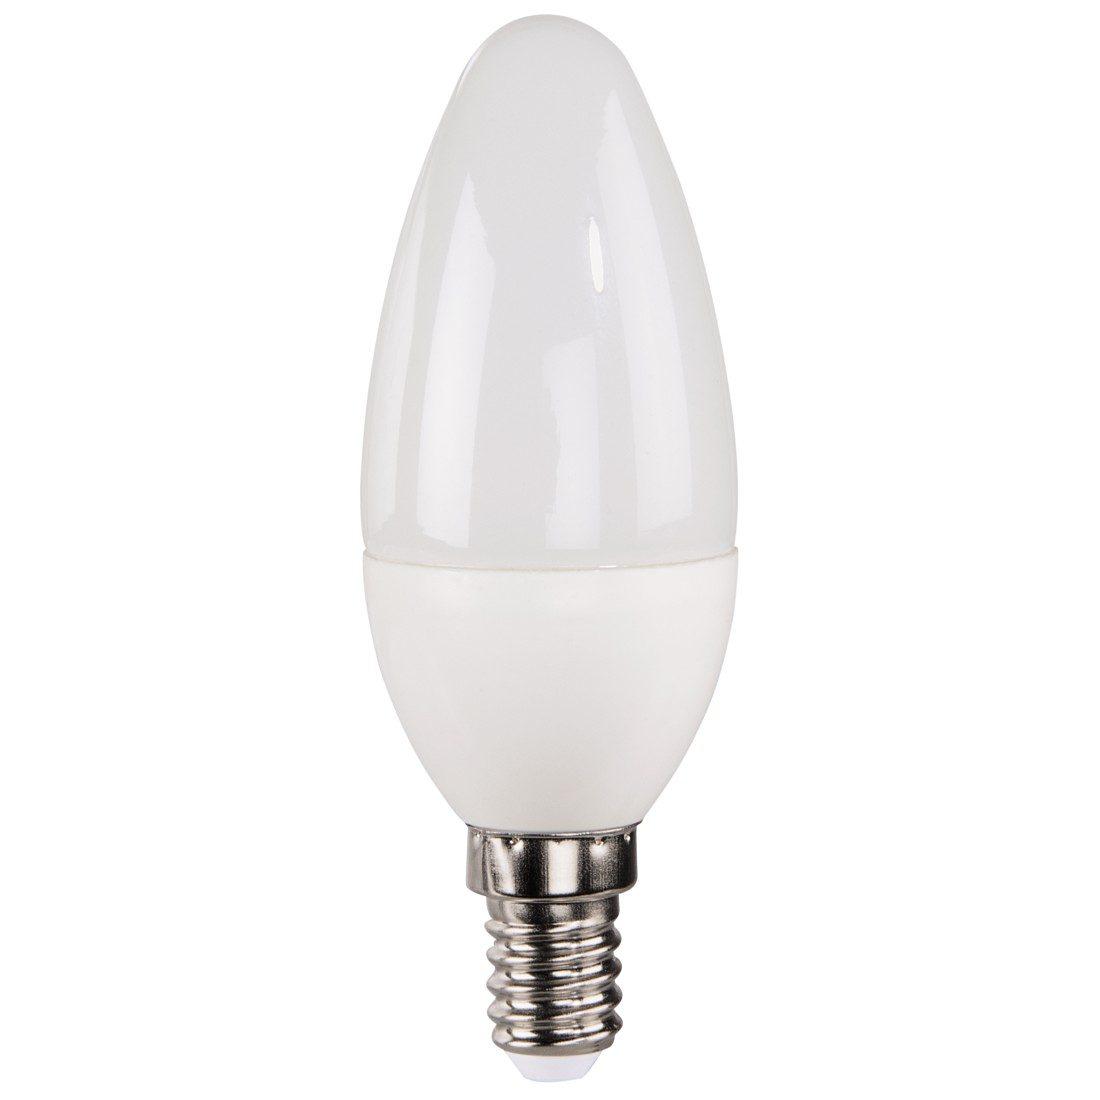 Xavax LED-Lampe, 3W, Kerzenform, E14, Warmweiß